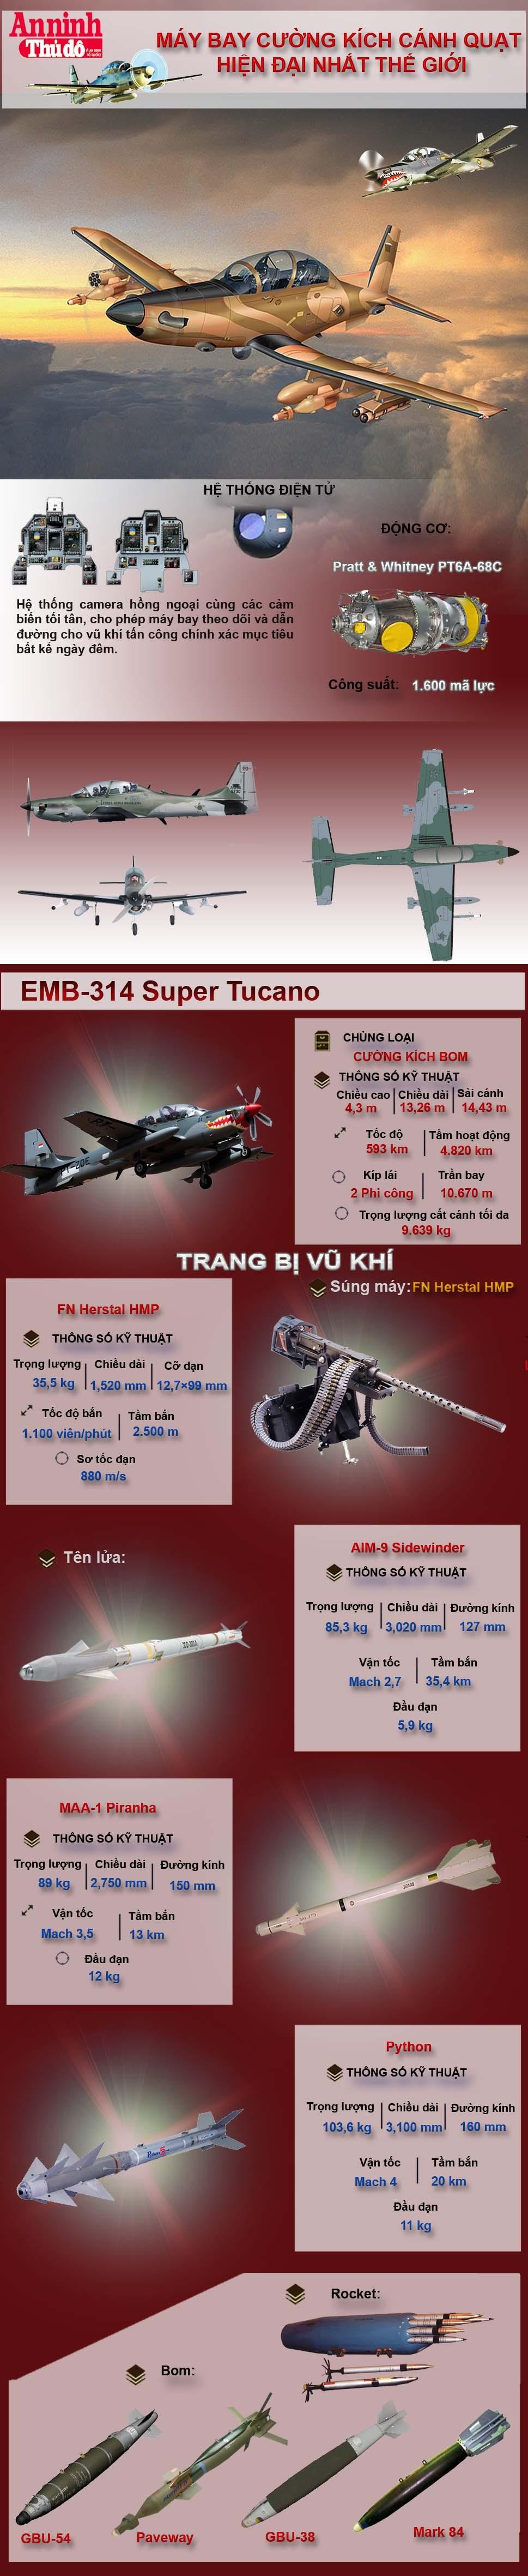 [Infographic] EMB-314 Super Tucano, cường kích hiện đại mang dáng dấp cổ điển ảnh 2